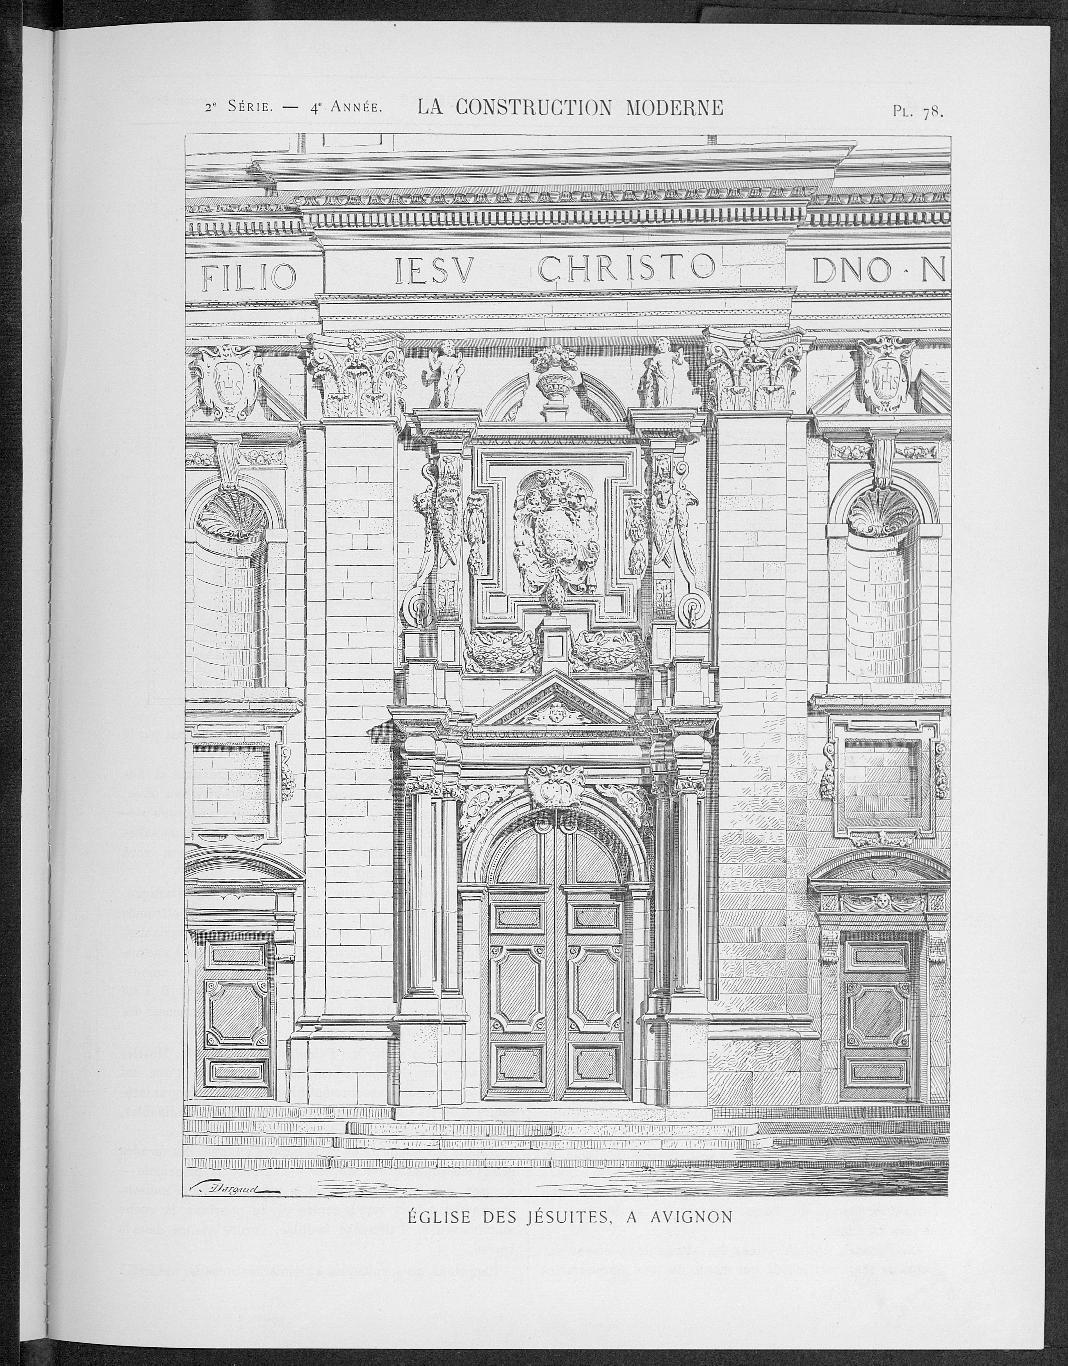 La Construction moderne, no. 41, 1898-1899 |